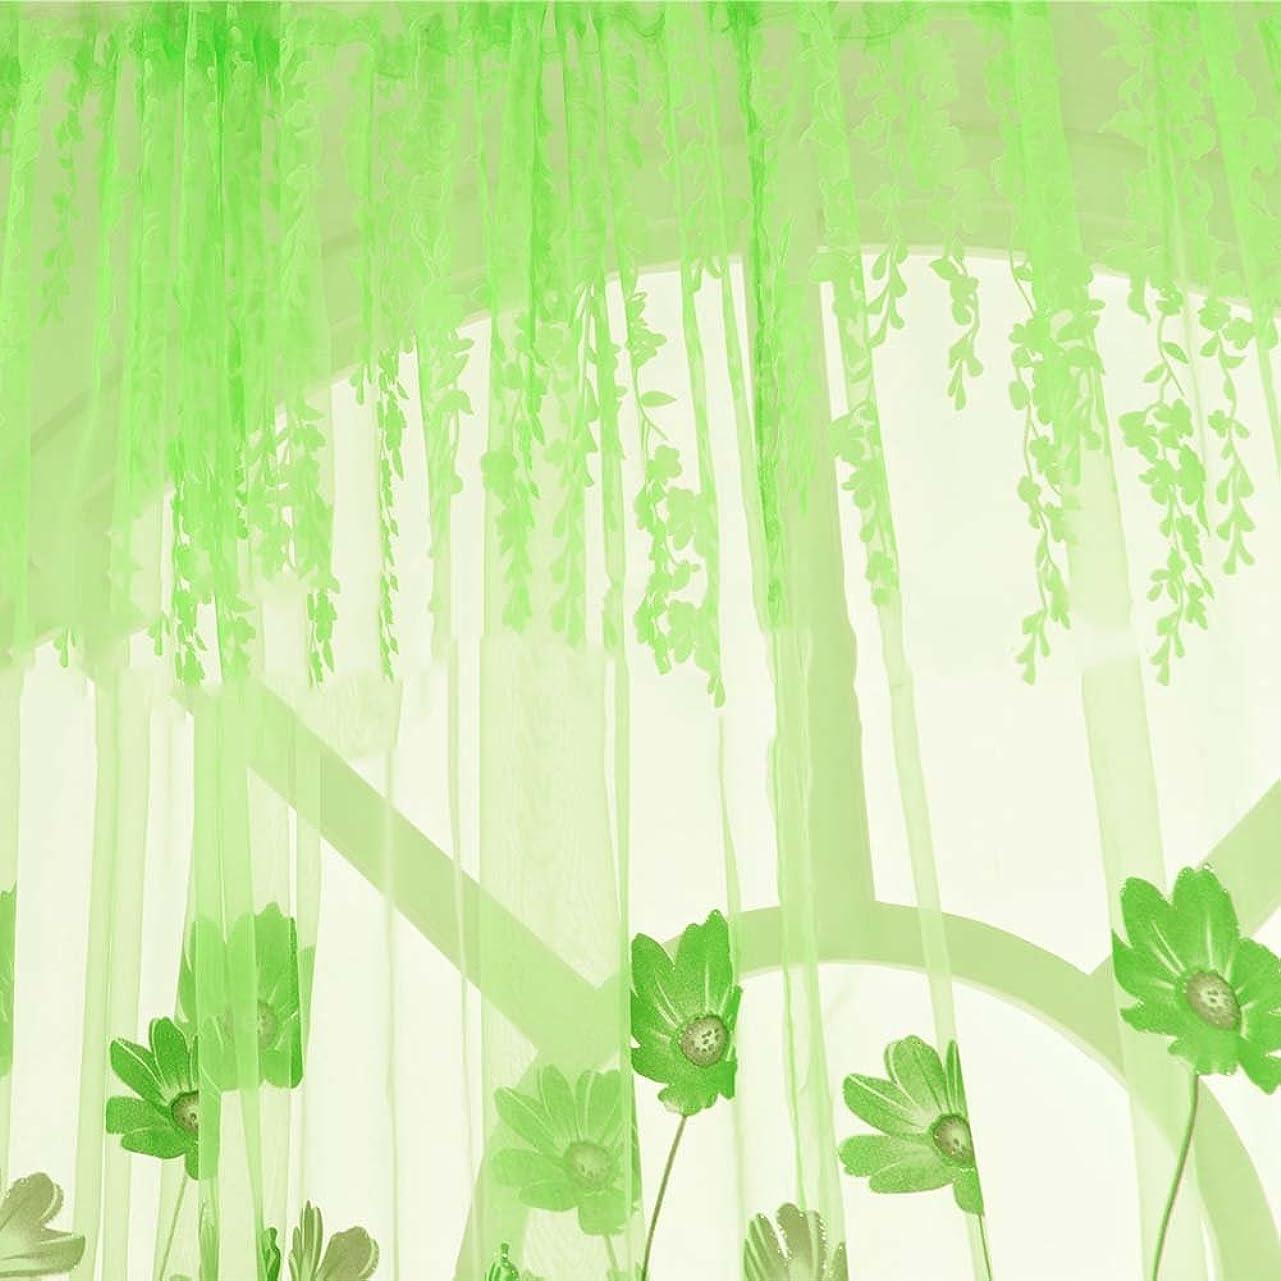 インセンティブメーターロッドQIAONAI レースカーテン 薄手 チュール カーテン 花柄  目隠し断熱 半遮光 遮像 光を通す ホーム用品 リビング/トイレ/子供部屋/ワンルームなど間仕切り 雰囲気転換 賃貸屋 幅100x200cm  (グリーン(ゲサンの花))